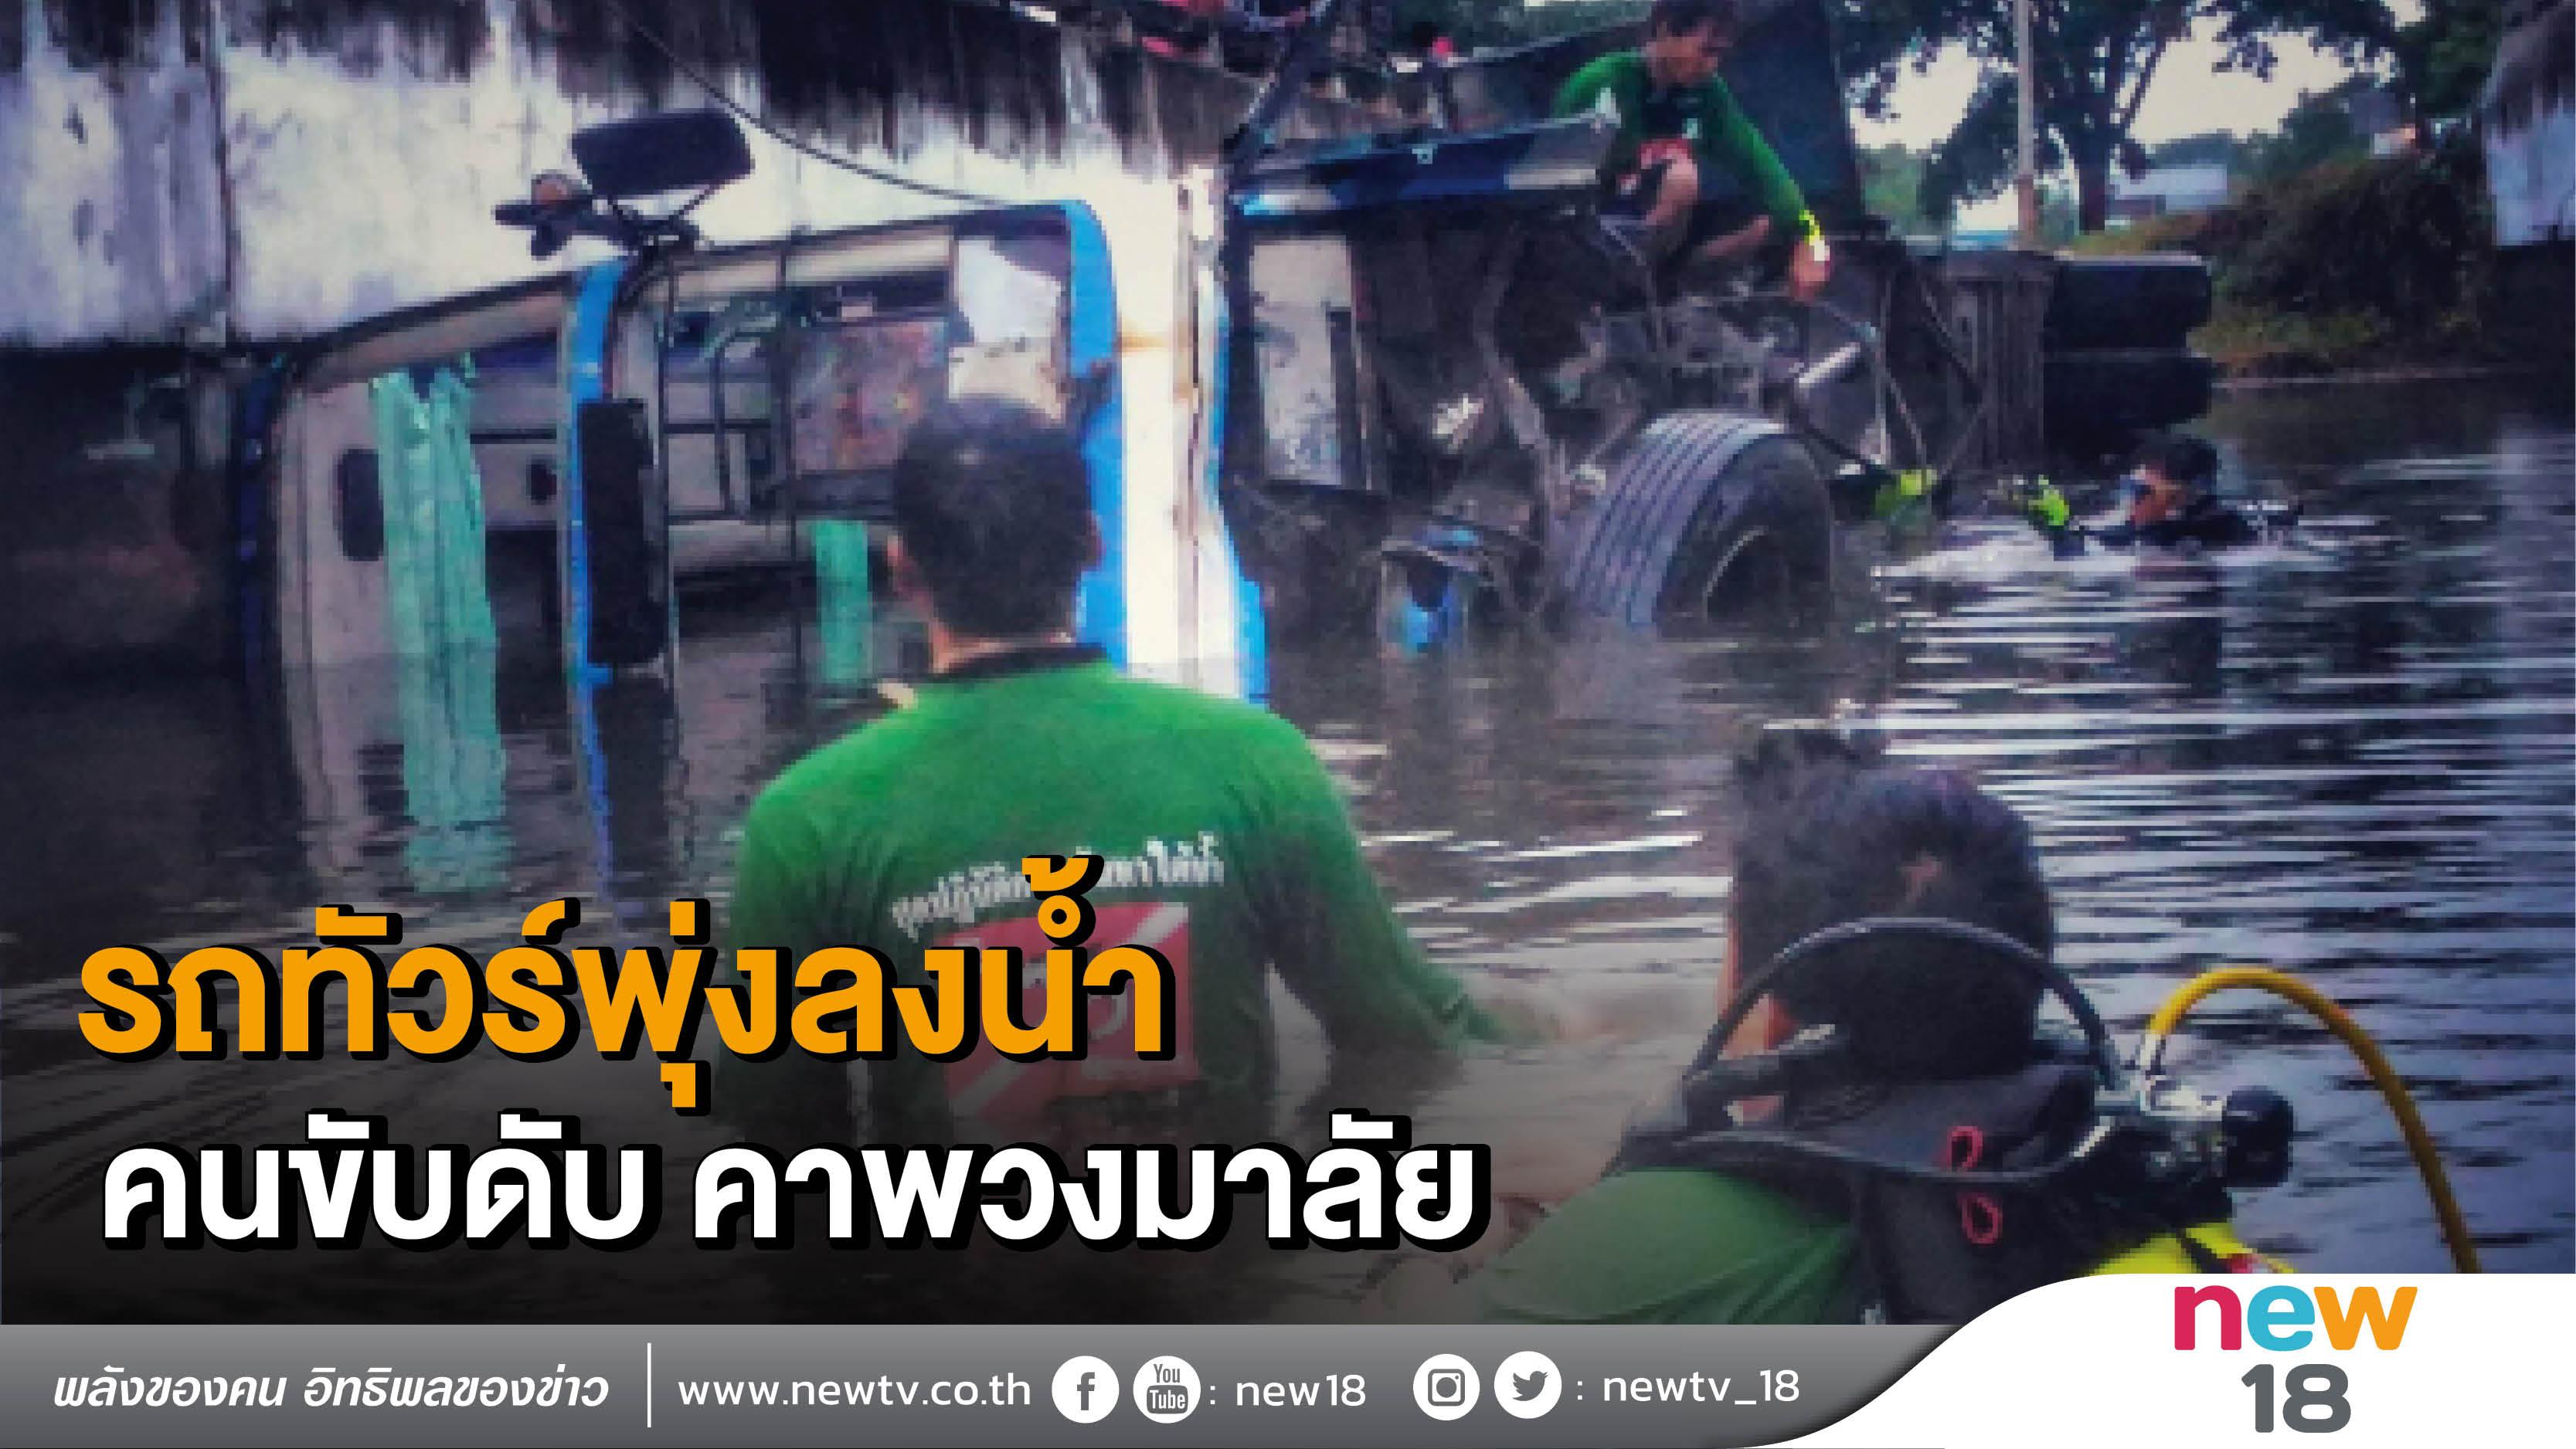 รถทัวร์พุ่งลงน้ำคนขับดับคาพวงมาลัย